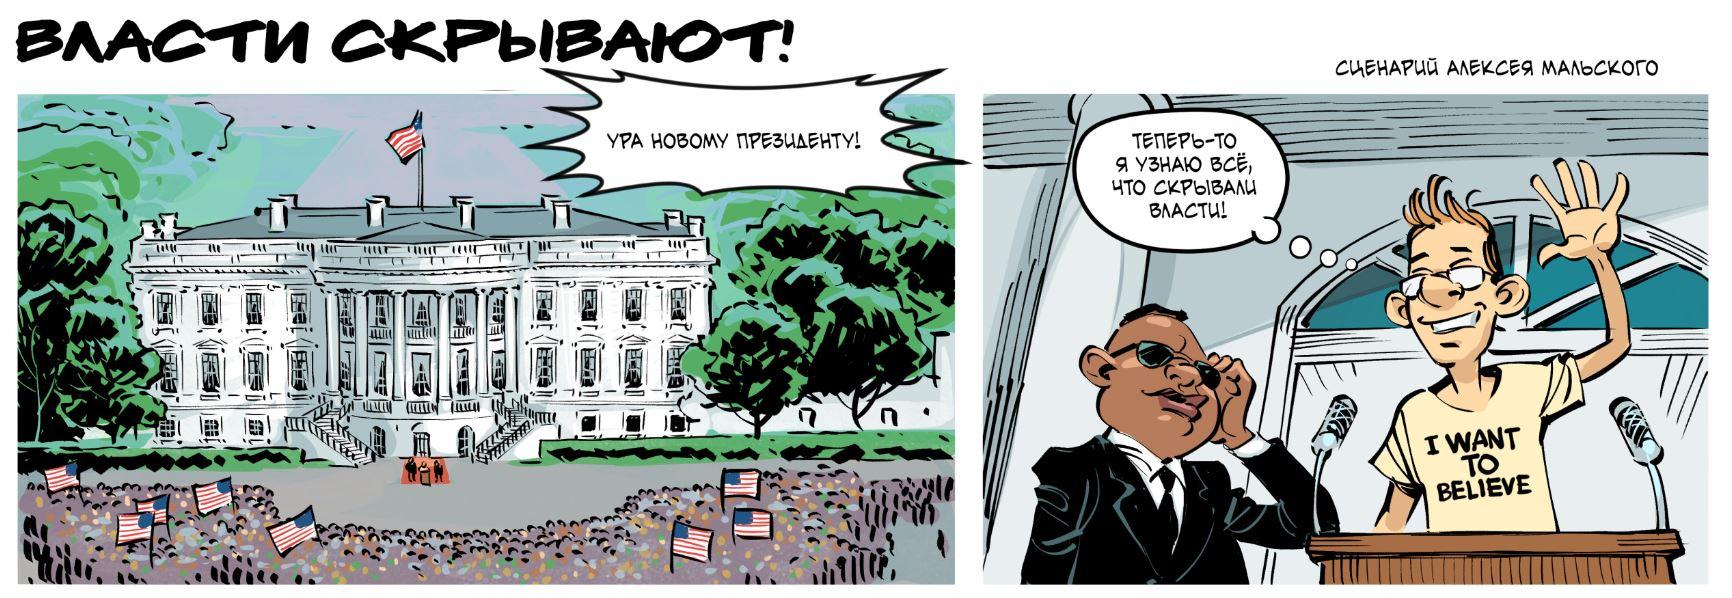 Комикс: власти скрывают!